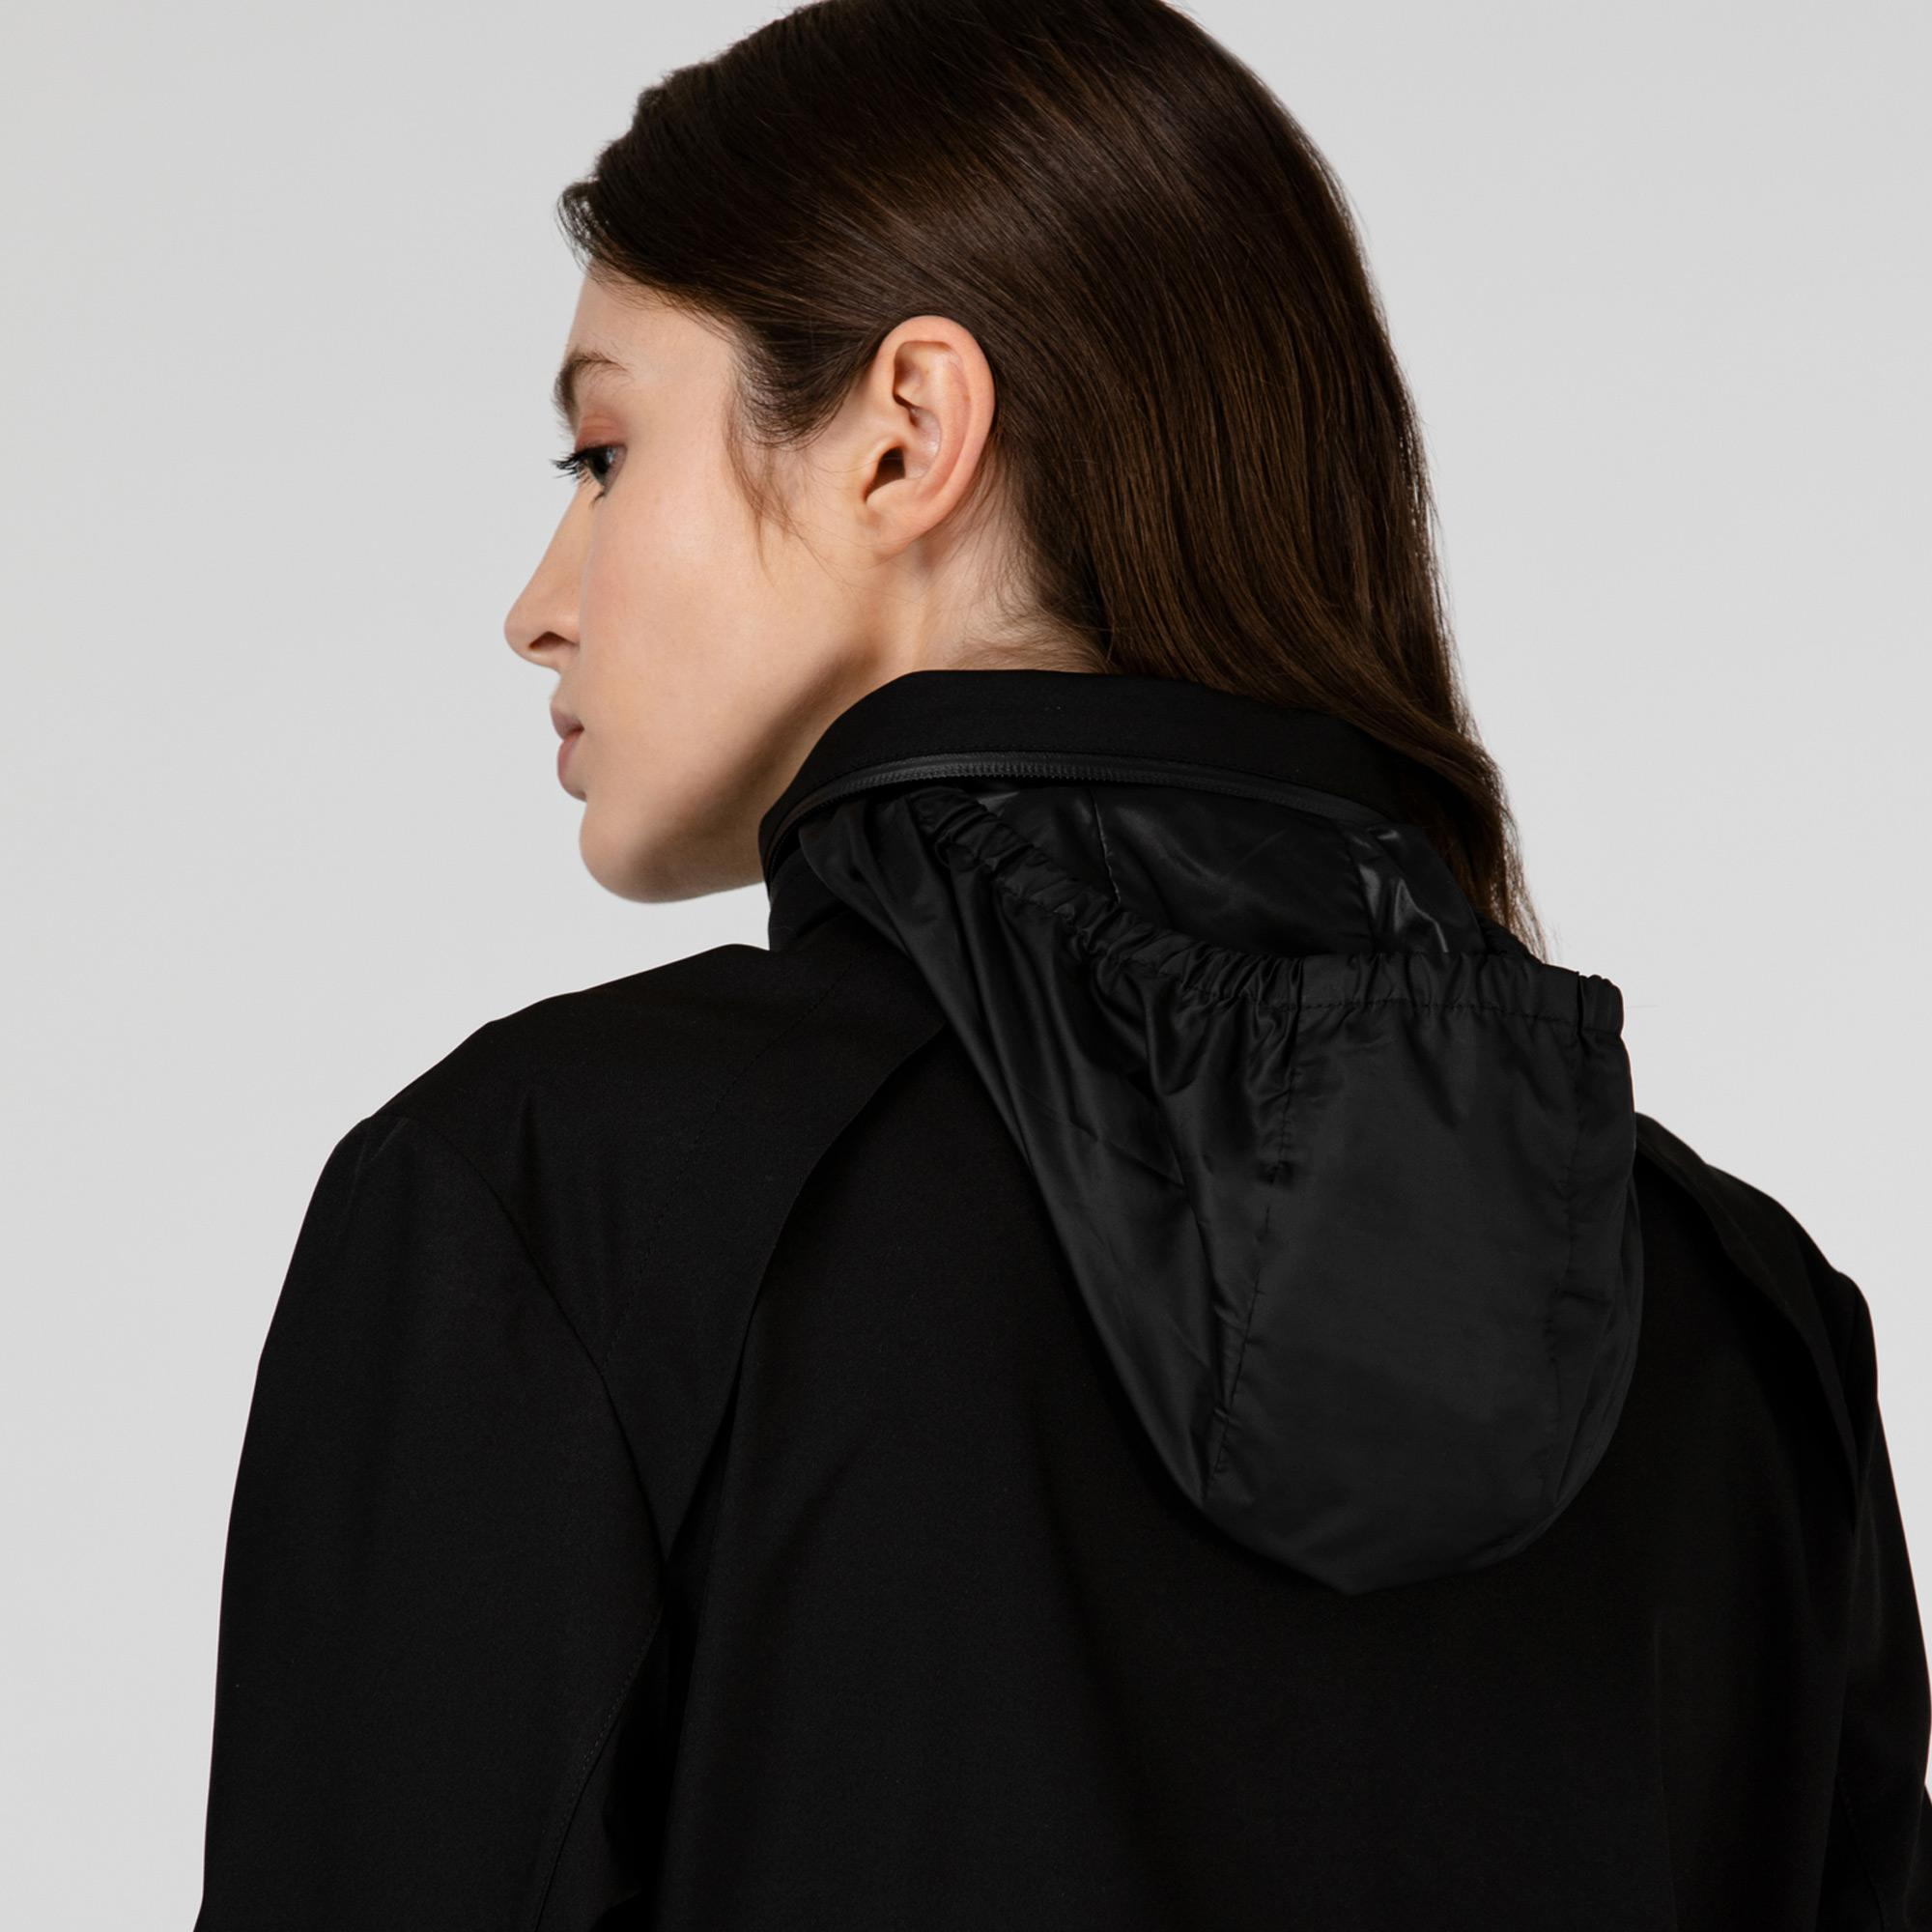 Lacoste Kadın Kapüşonlu Baskılı Siyah Mont